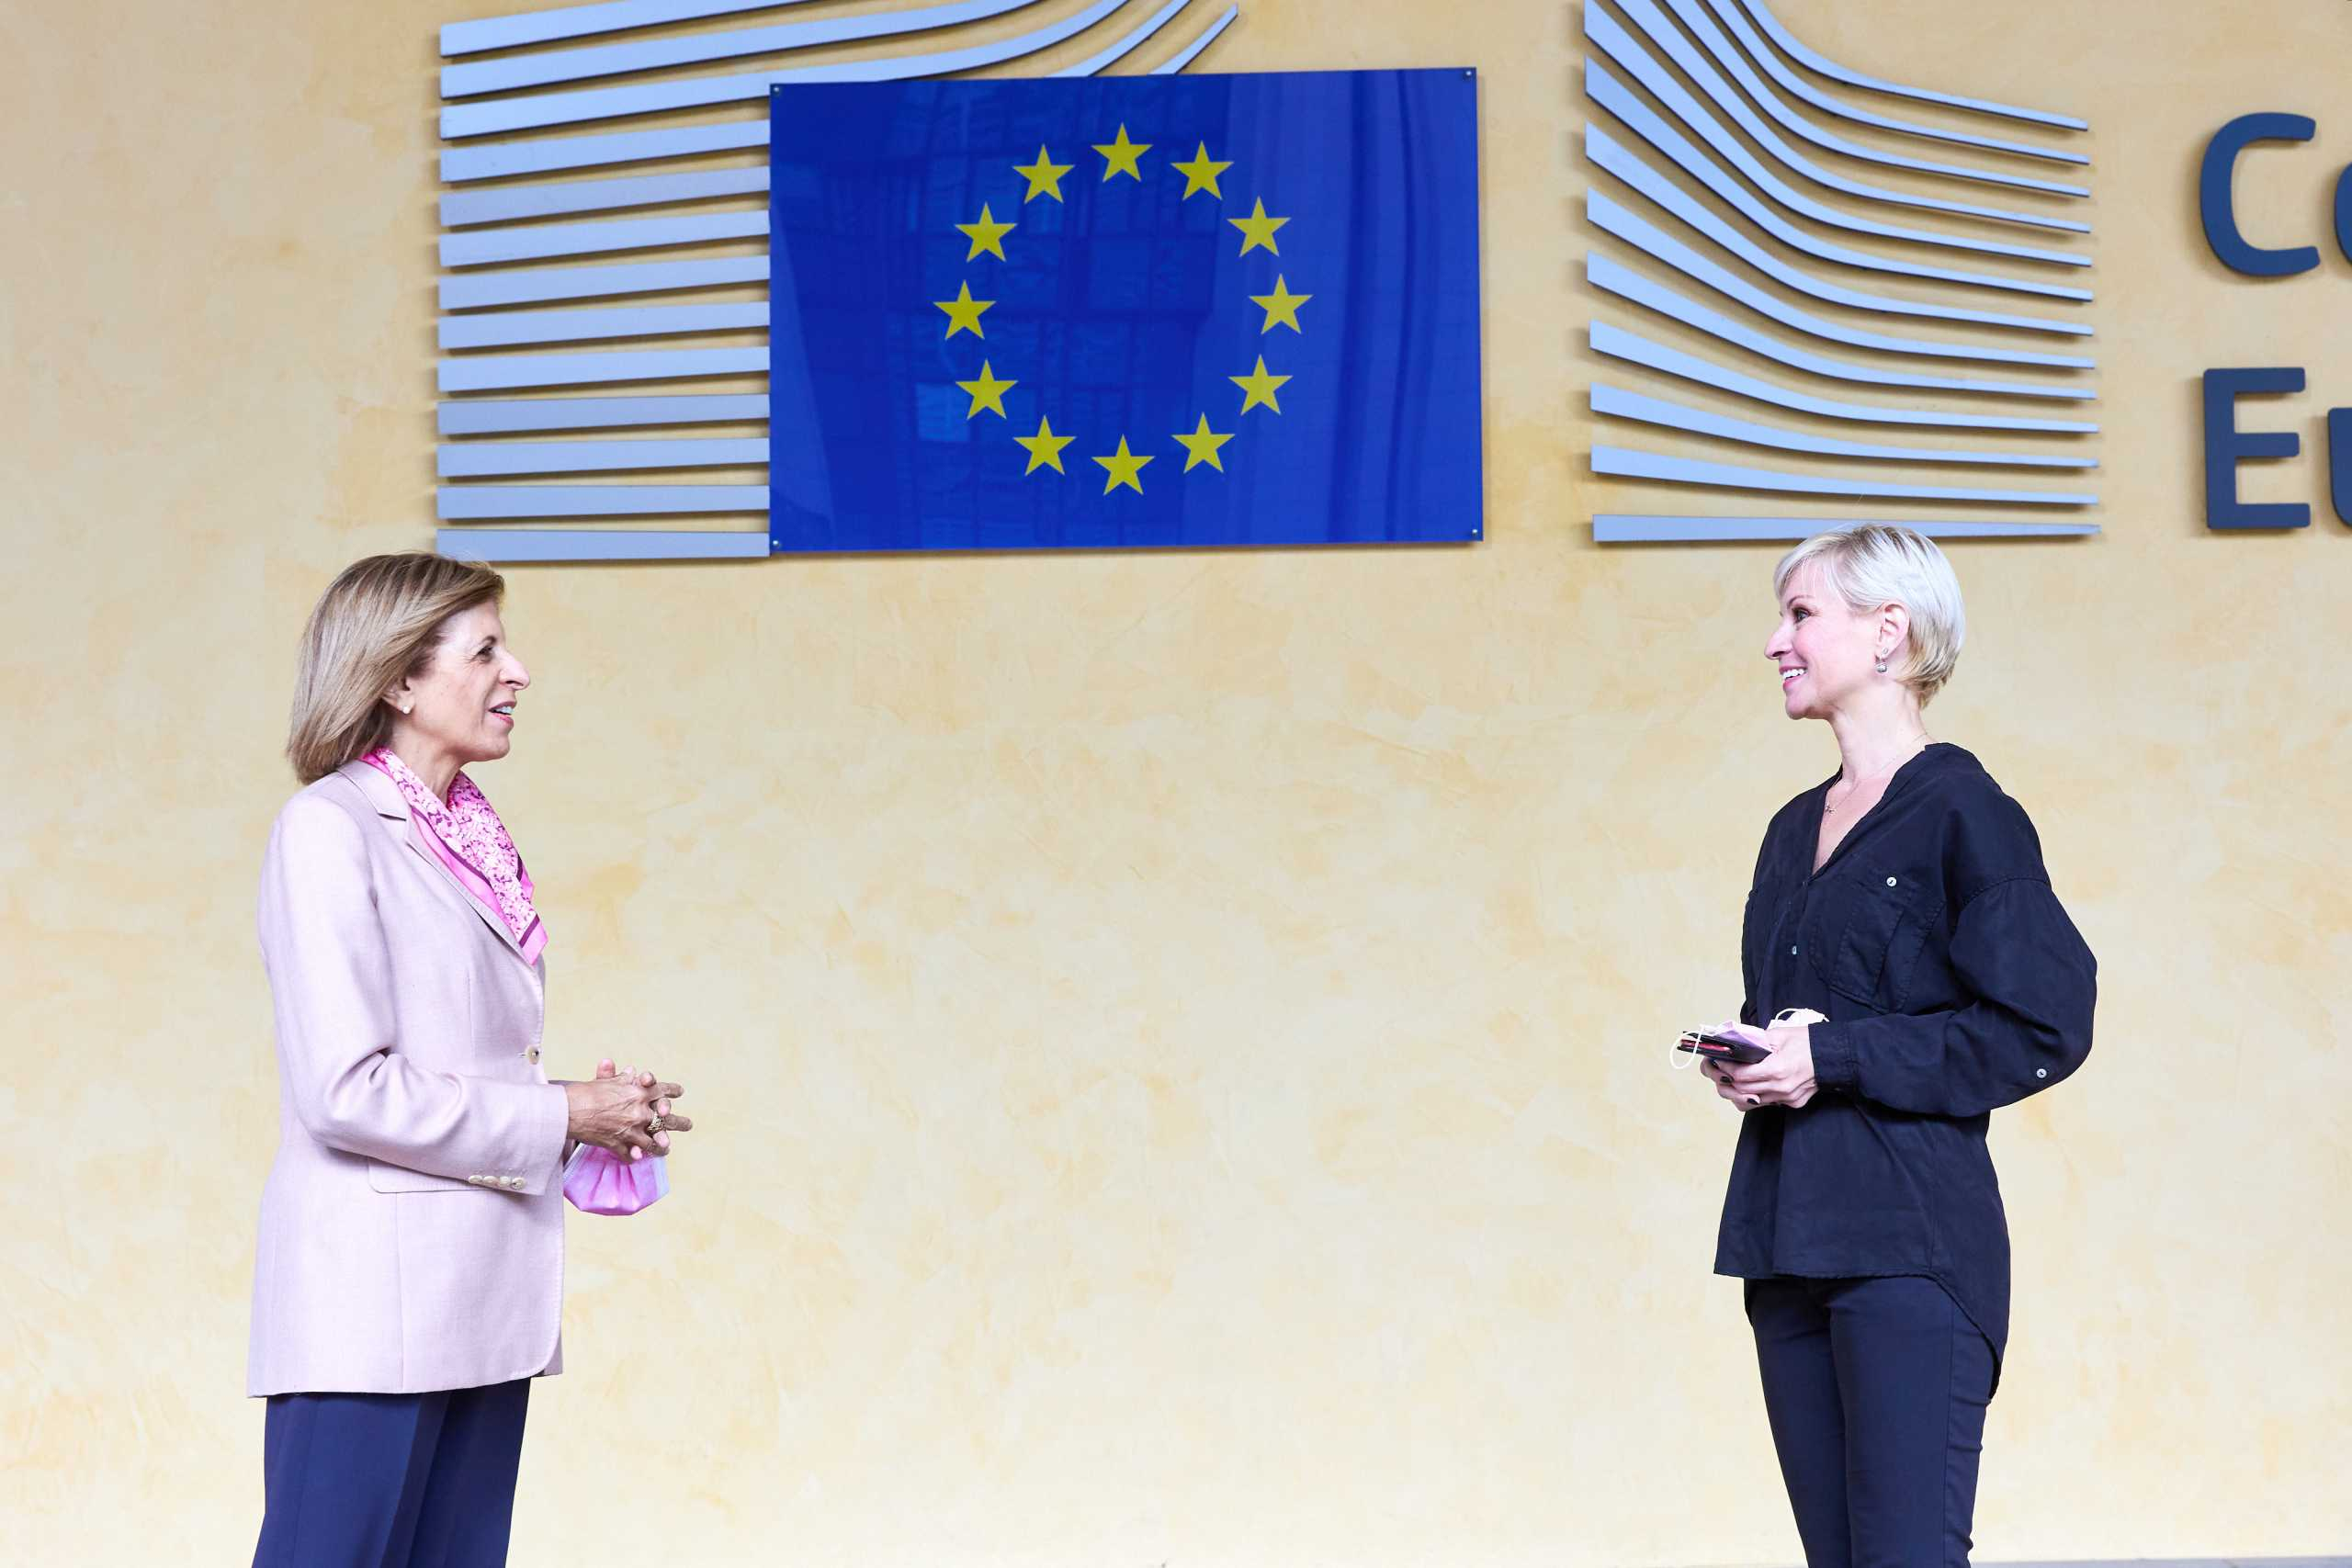 Στέλλα Κυριακίδου: Έκκληση για εμβολιασμό – Πρωτοβουλίες της ΕΕ για την αντιμετώπιση του καρκίνου